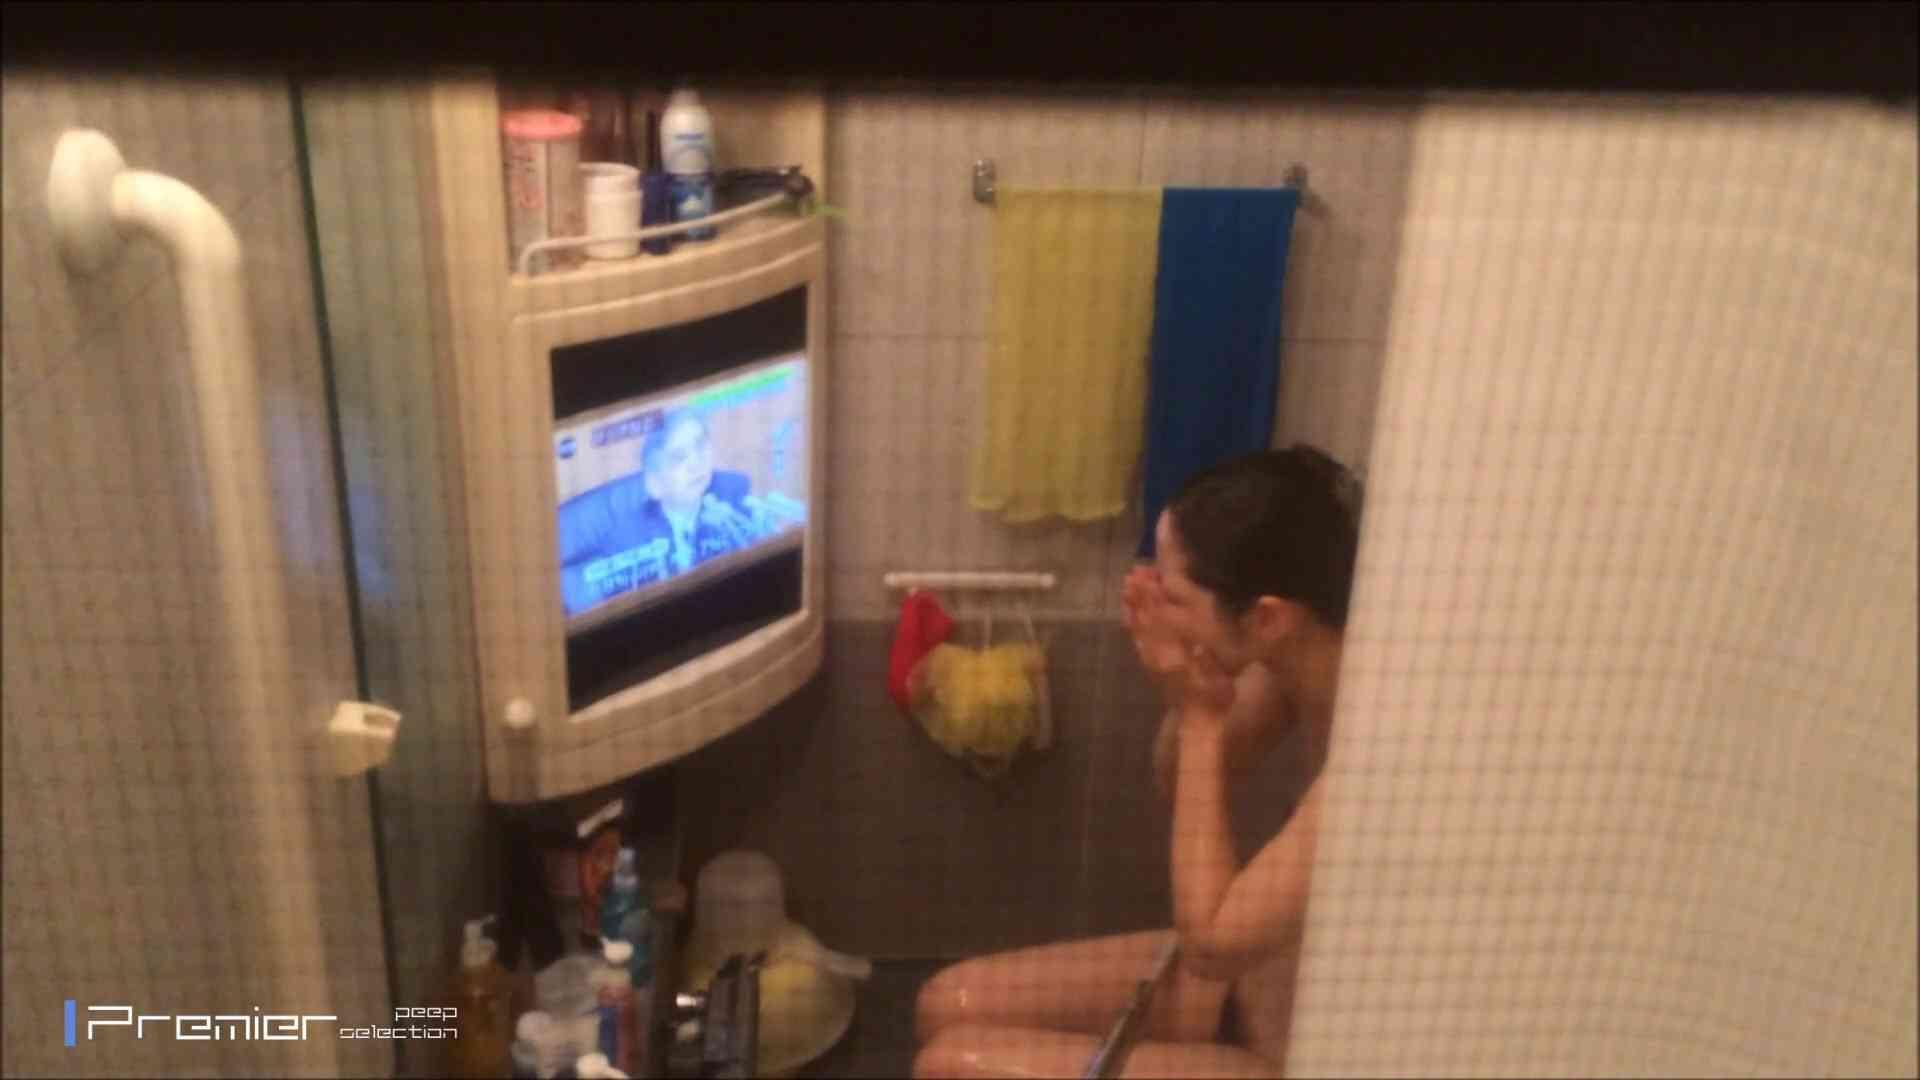 美女のテレビを見ながらの入浴 乙女の風呂場 Vol.21 入浴中 AV無料動画キャプチャ 111画像 104